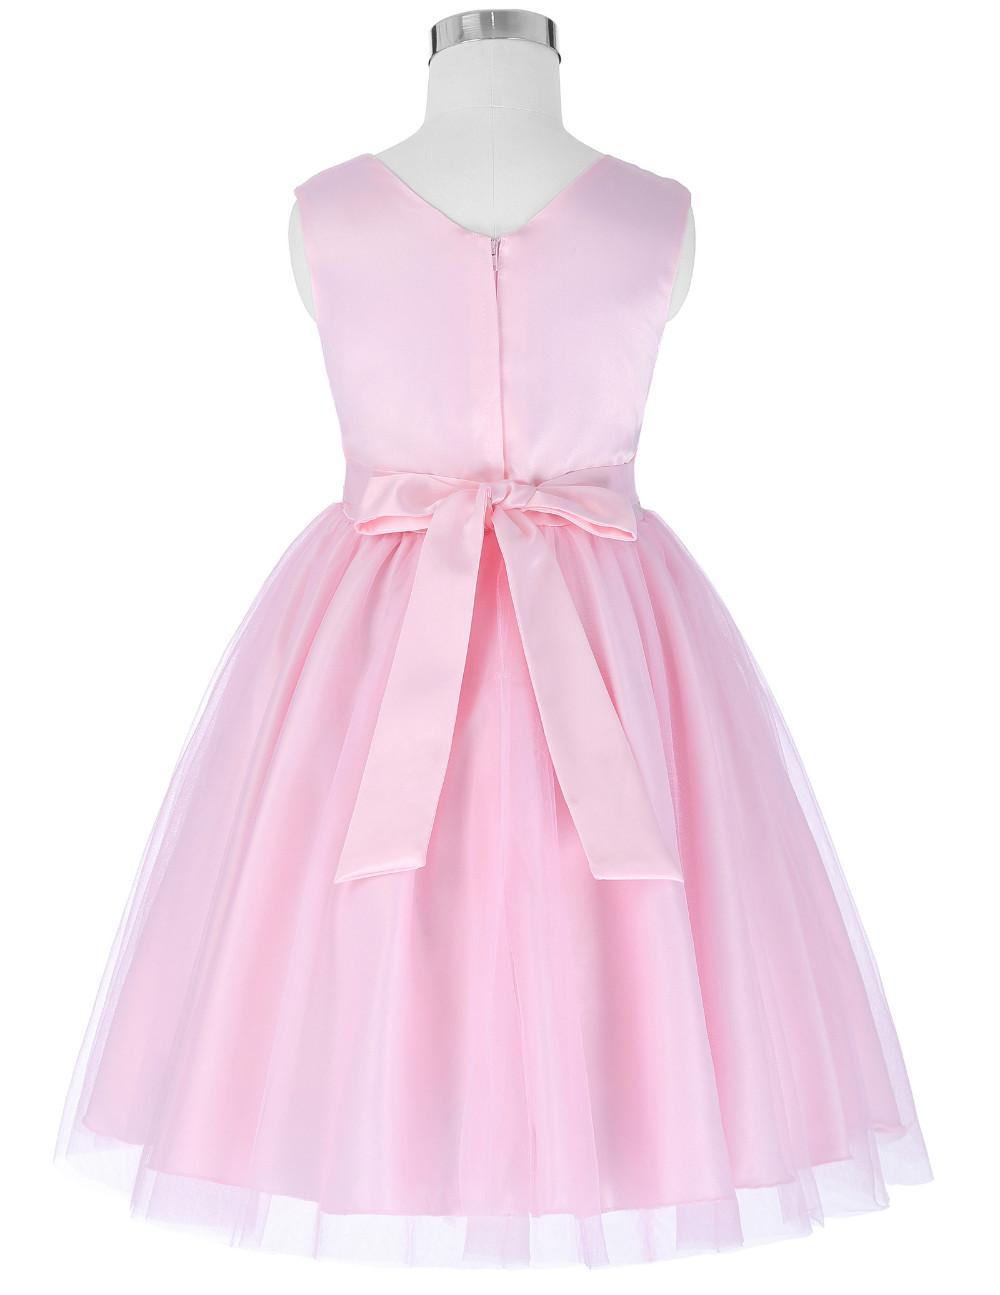 ①Tul balón vestido largo Vestidos de flores de niña para la fiesta ...